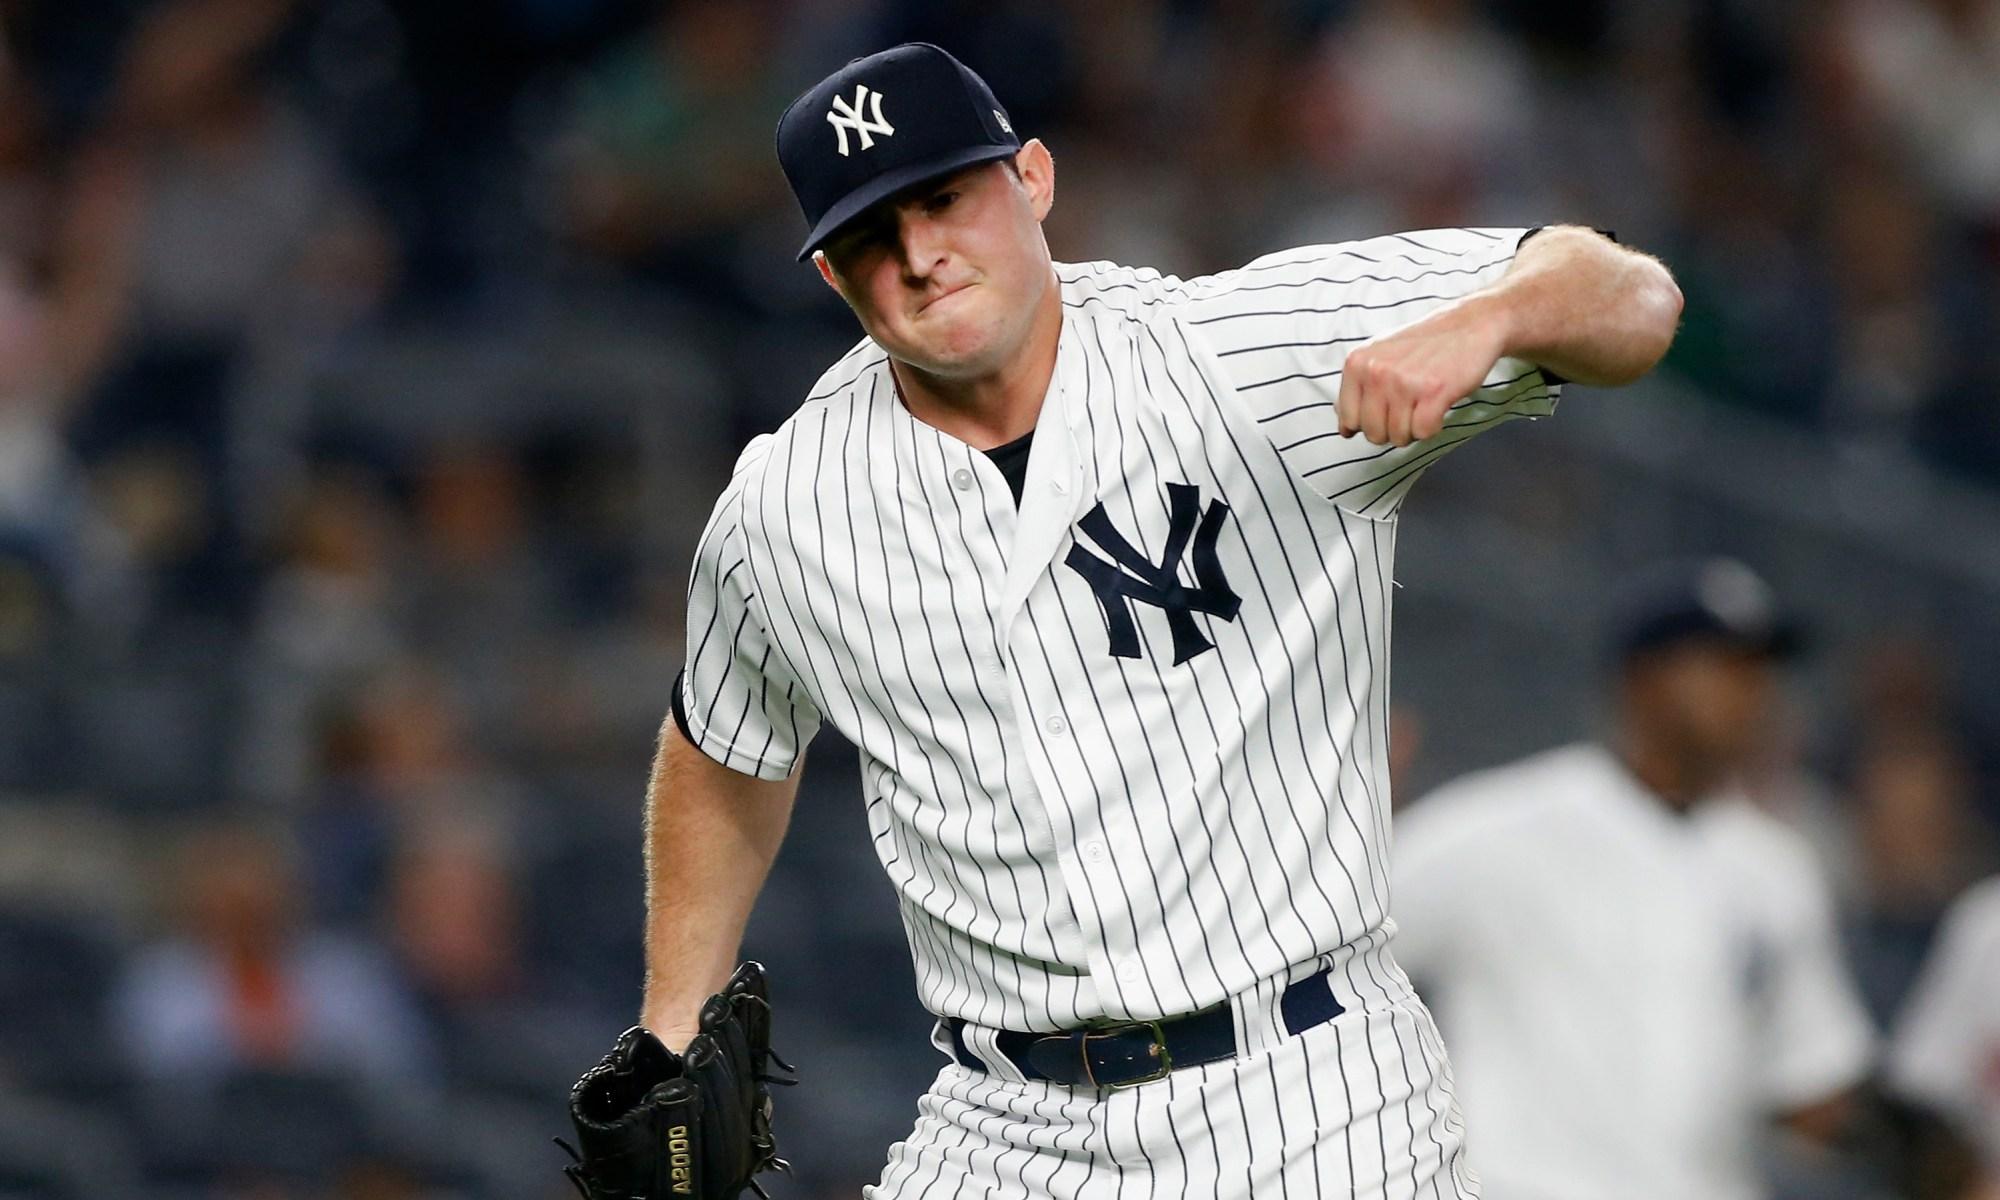 Yankees Zack Britton